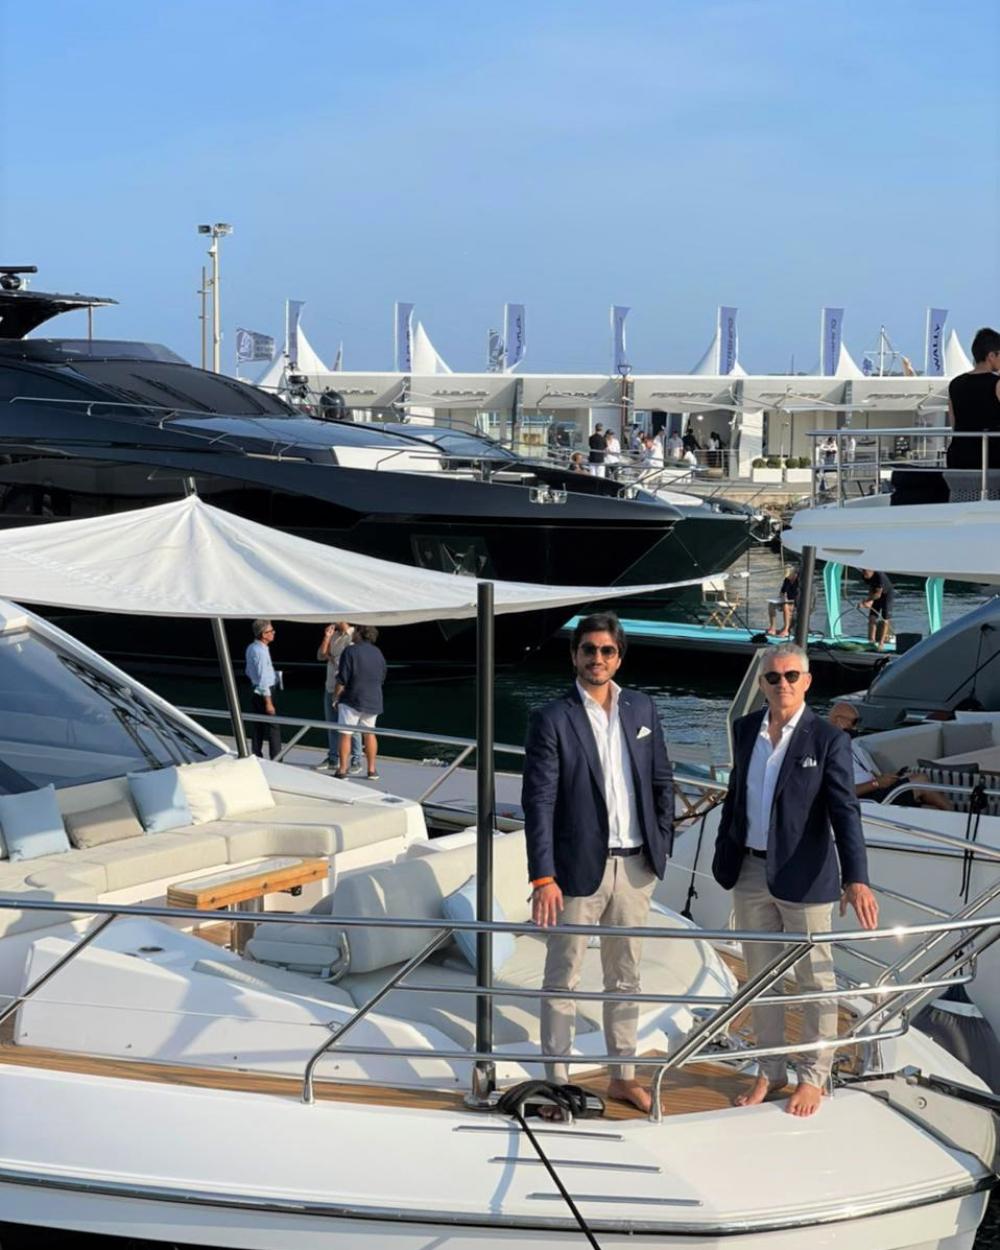 Iate de luxo fabricado em SC é exposto no Cannes Yachting Festival 2021, na França